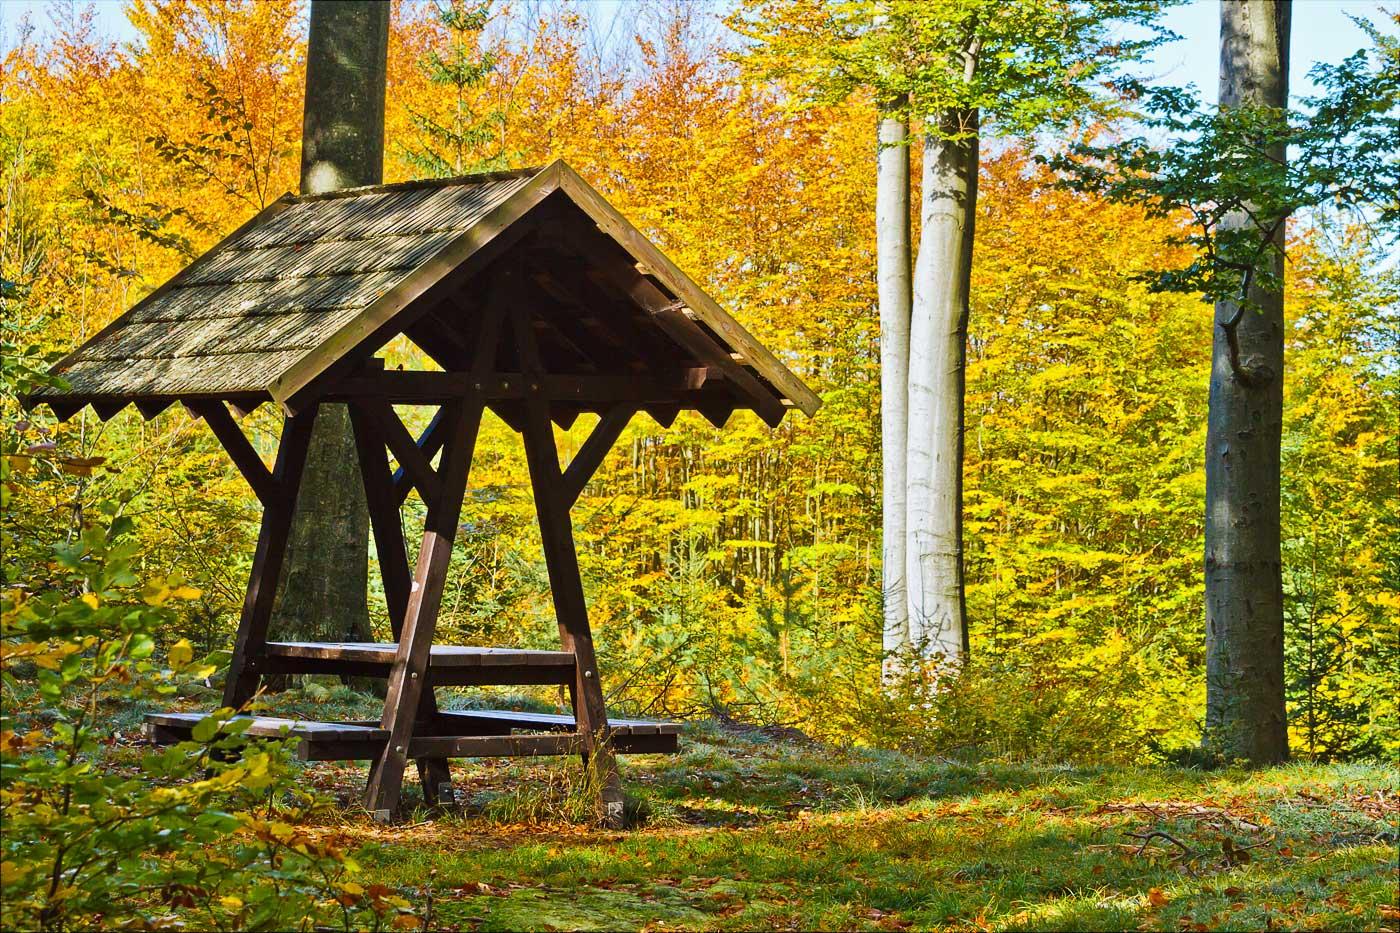 Буковый лес Водерадске бучины, Чехия